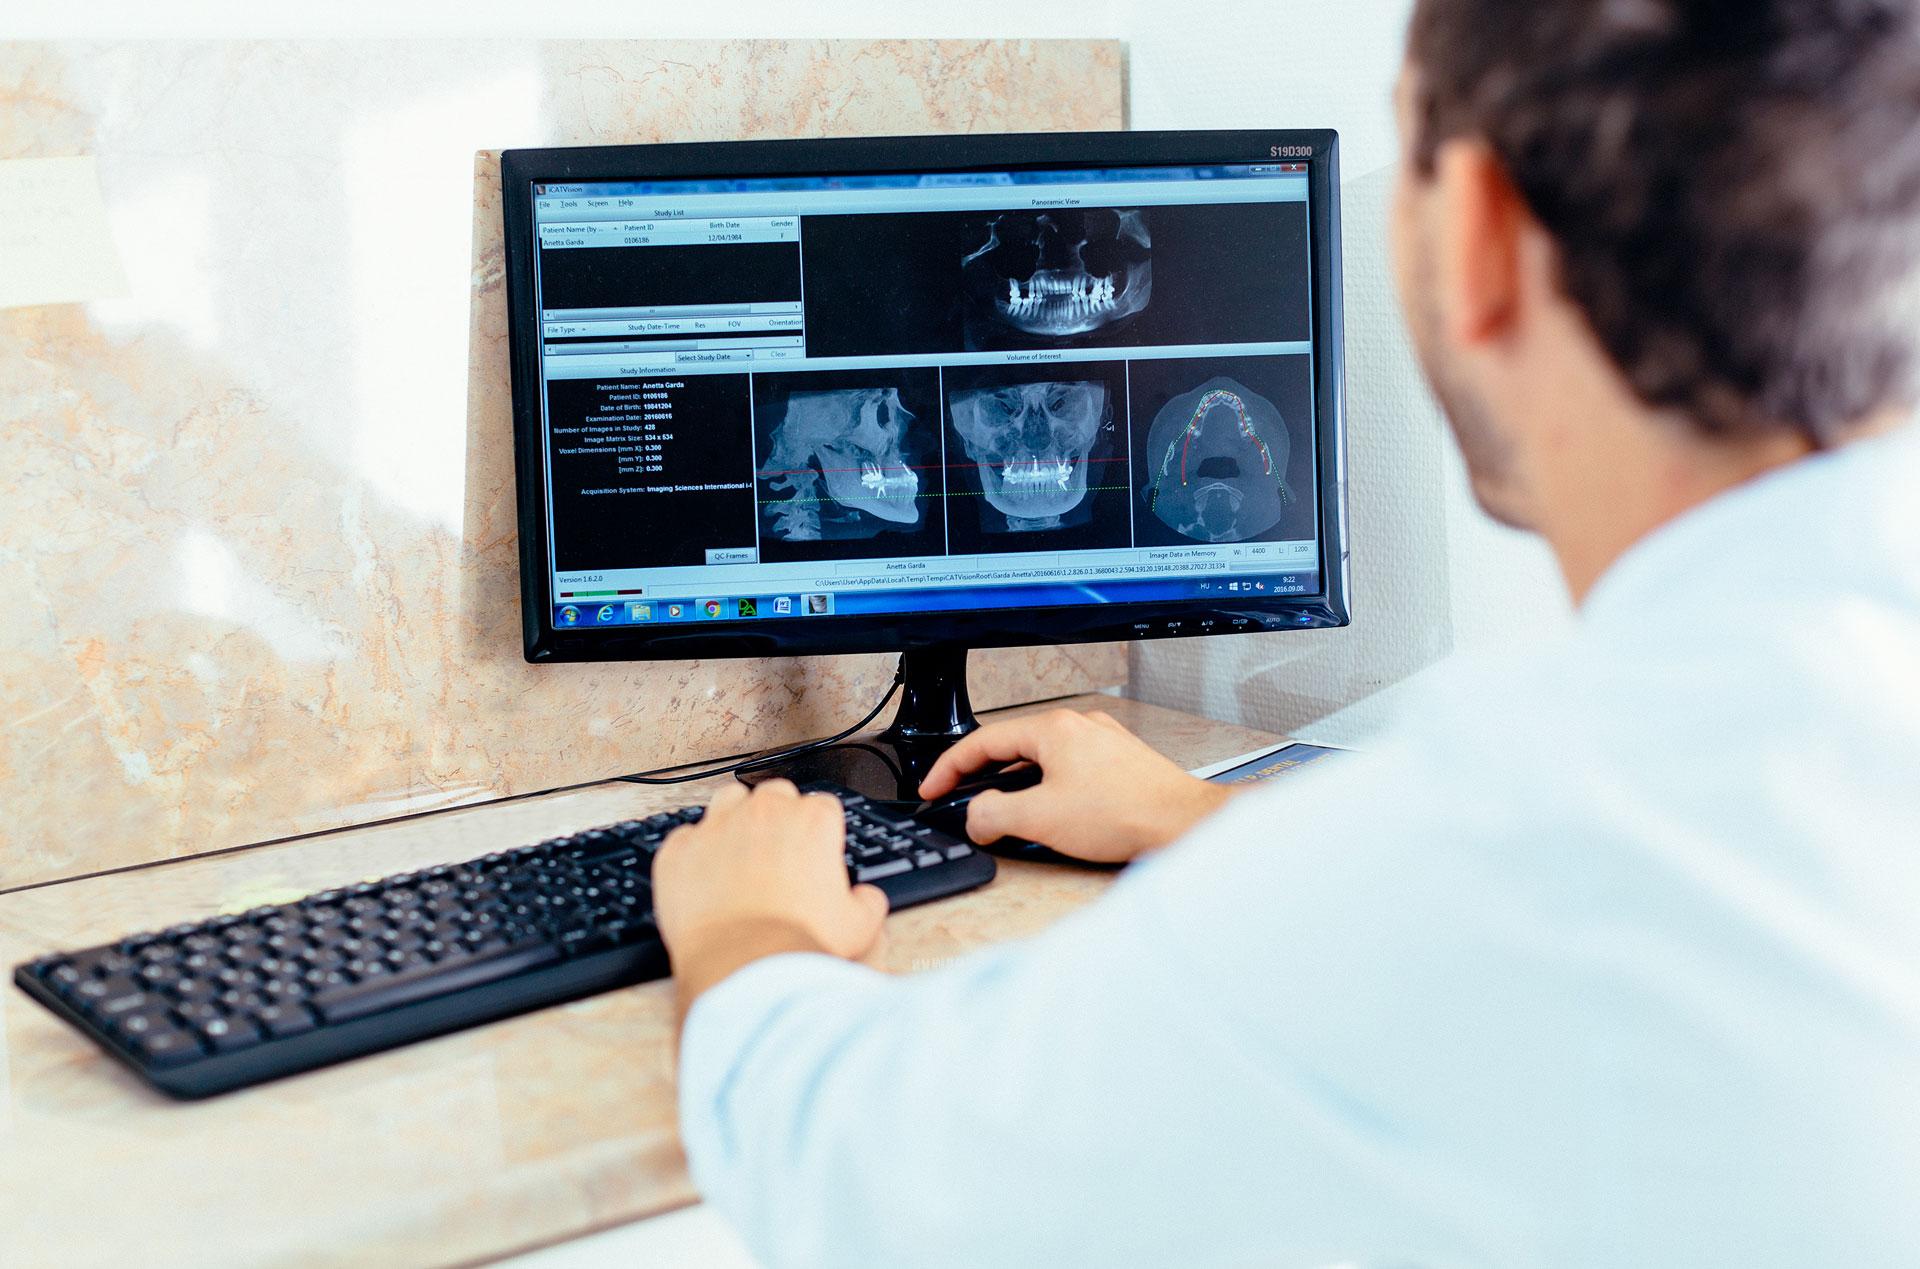 Dr. Varajti Artúr fogorvos, szájsebész egy fogbeültetést támogató szoftvert használ a budapesti fogászati rendelőben.